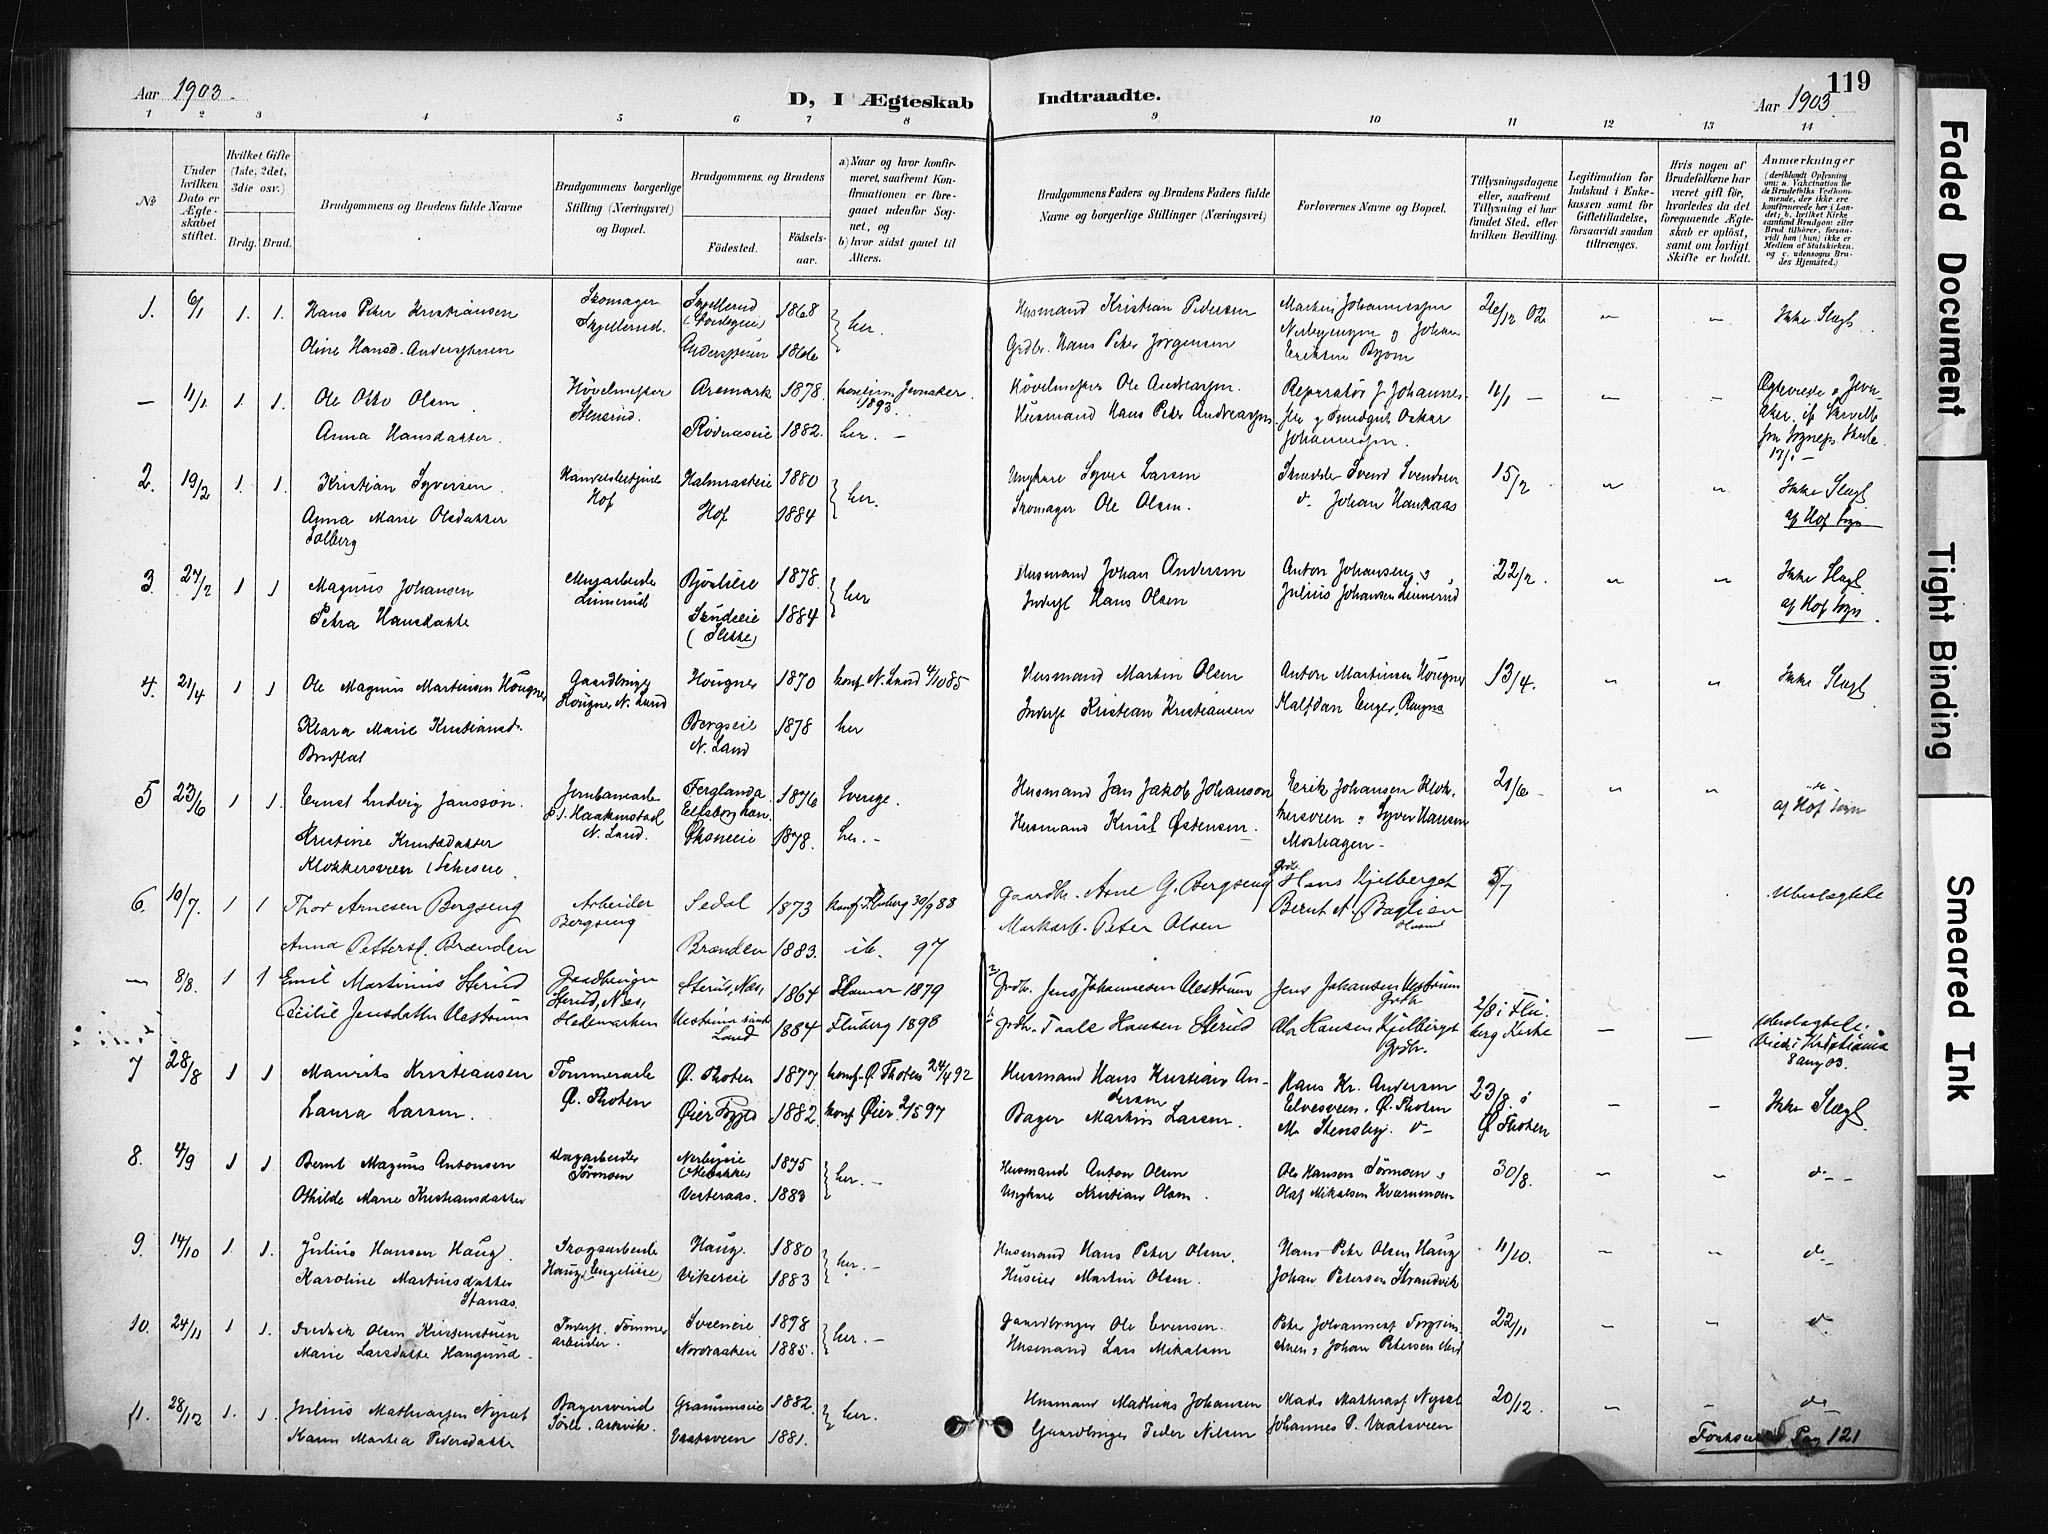 SAH, Søndre Land prestekontor, K/L0004: Ministerialbok nr. 4, 1895-1904, s. 119